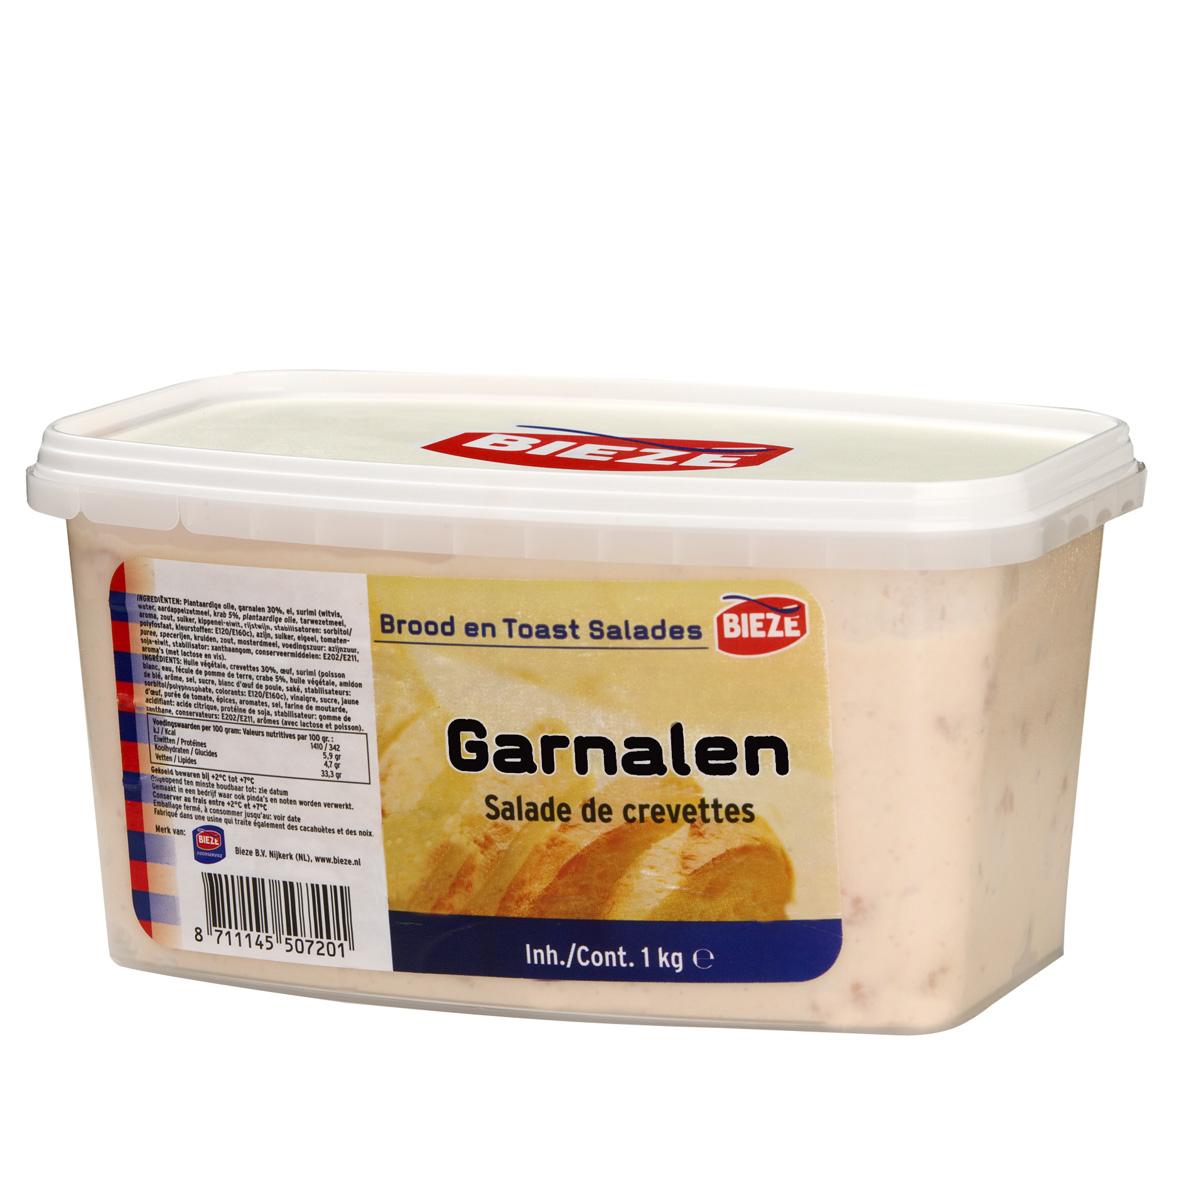 GARNALEN - bak